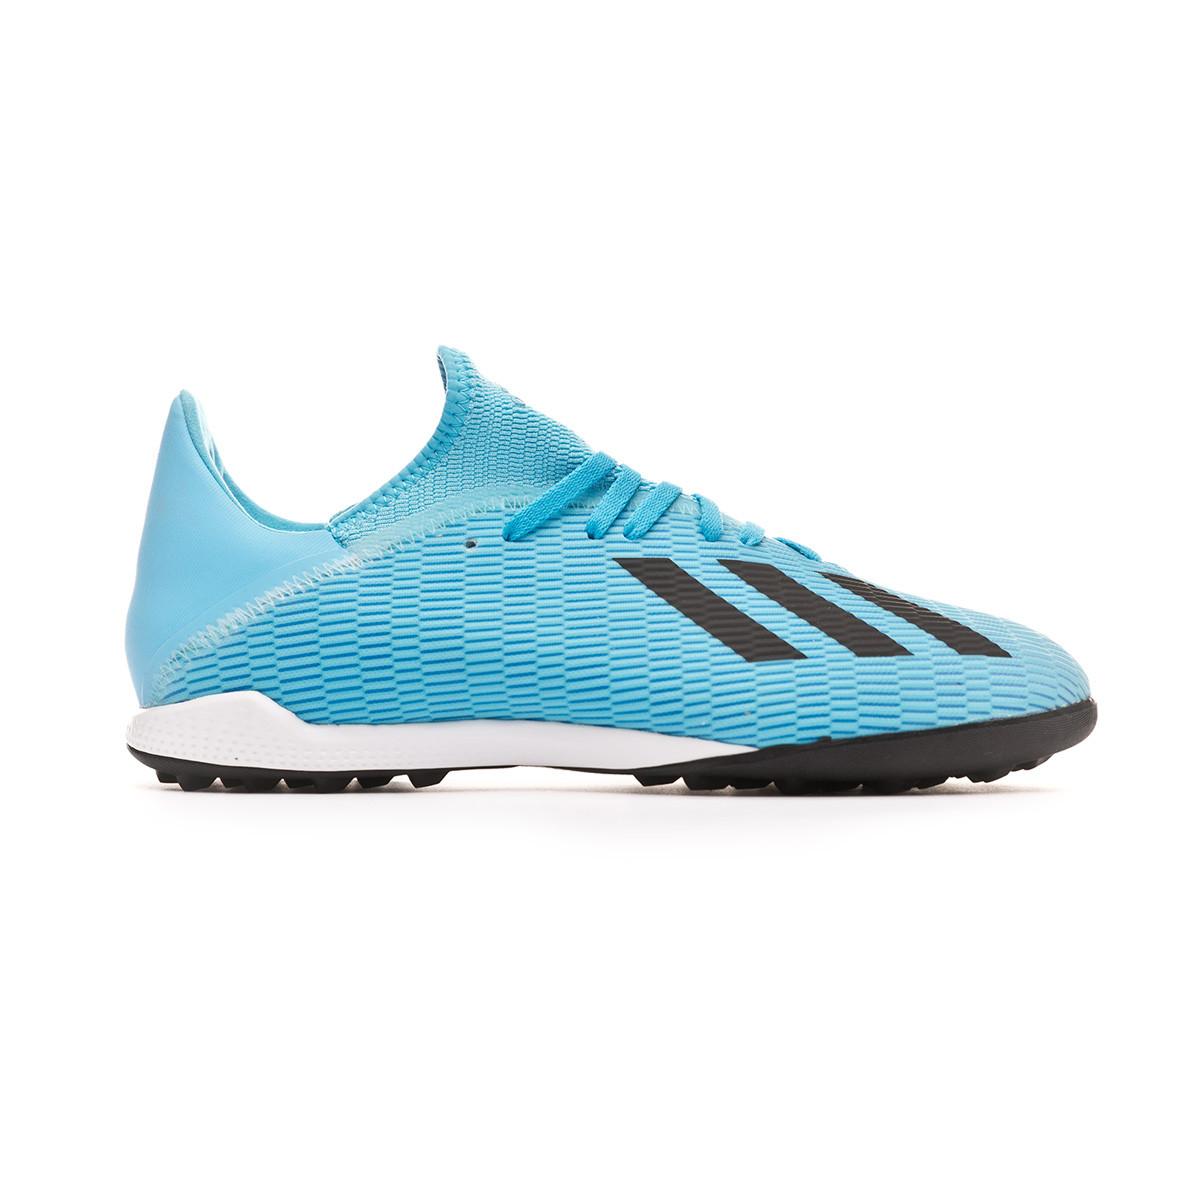 adidas X 19.3 Turf Football Boot